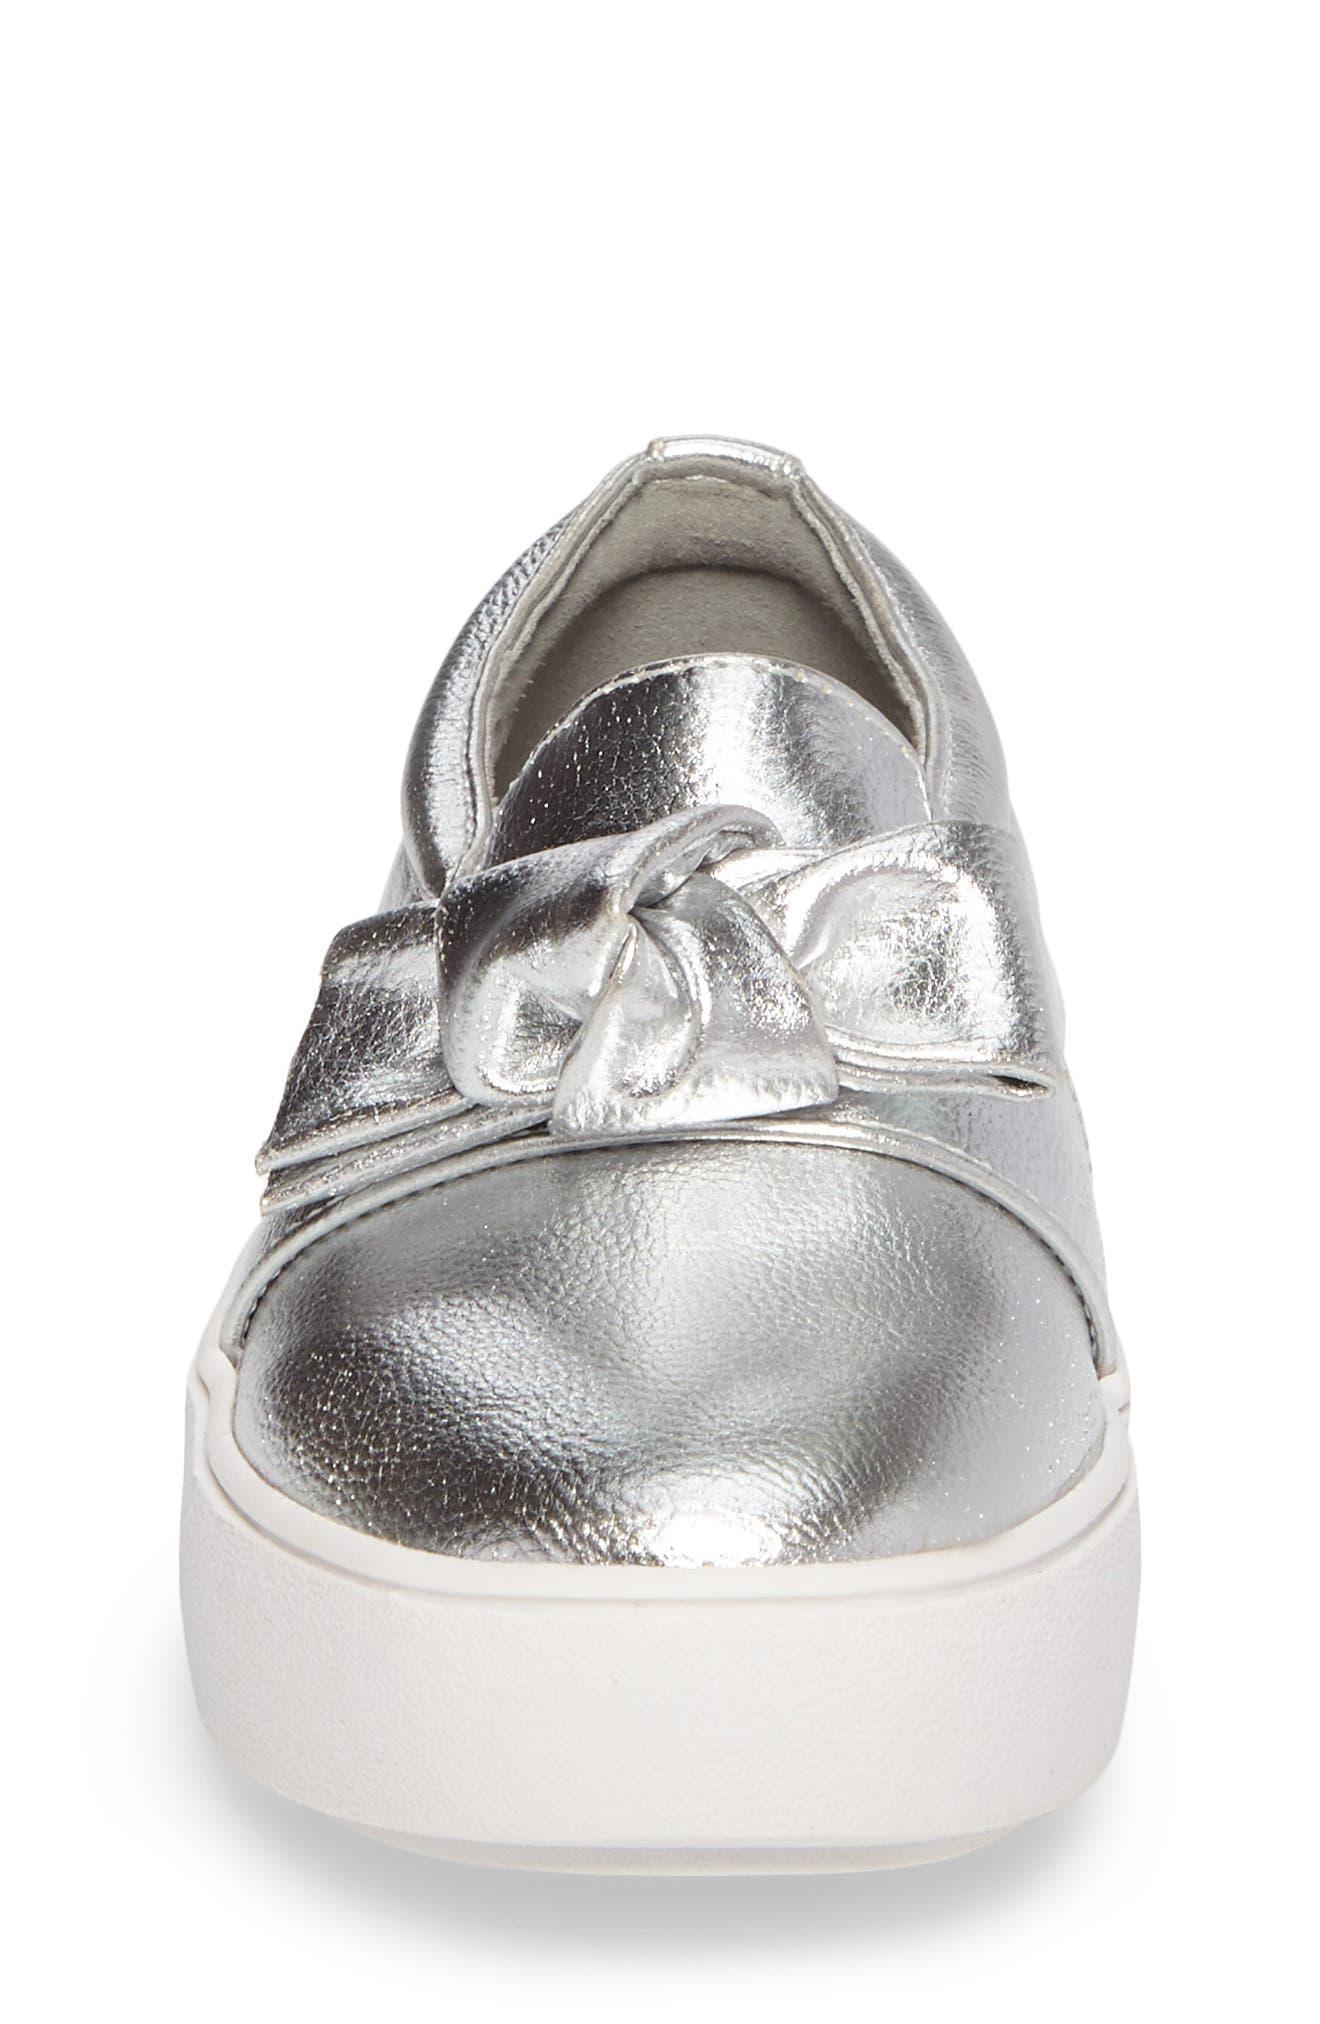 Maven Poppy Knotted Slip-On Sneaker,                             Alternate thumbnail 11, color,